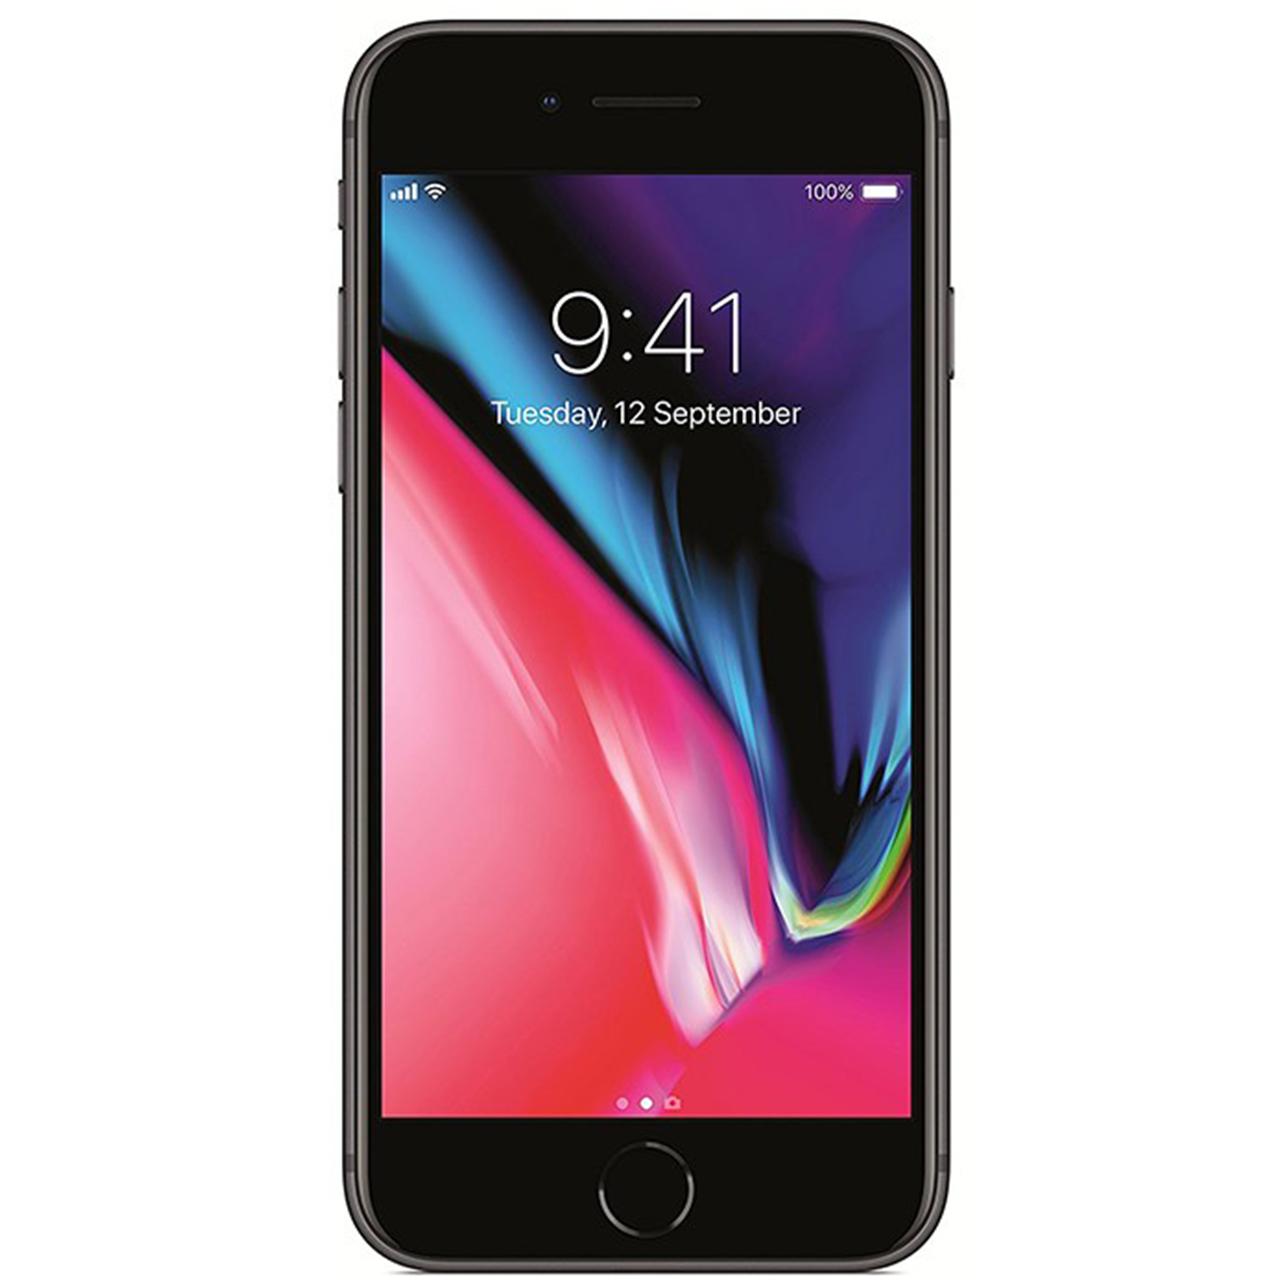 گوشی موبایل اپل مدل iPhone 8 Plus A1897 ظرفیت 64 گیگابایت